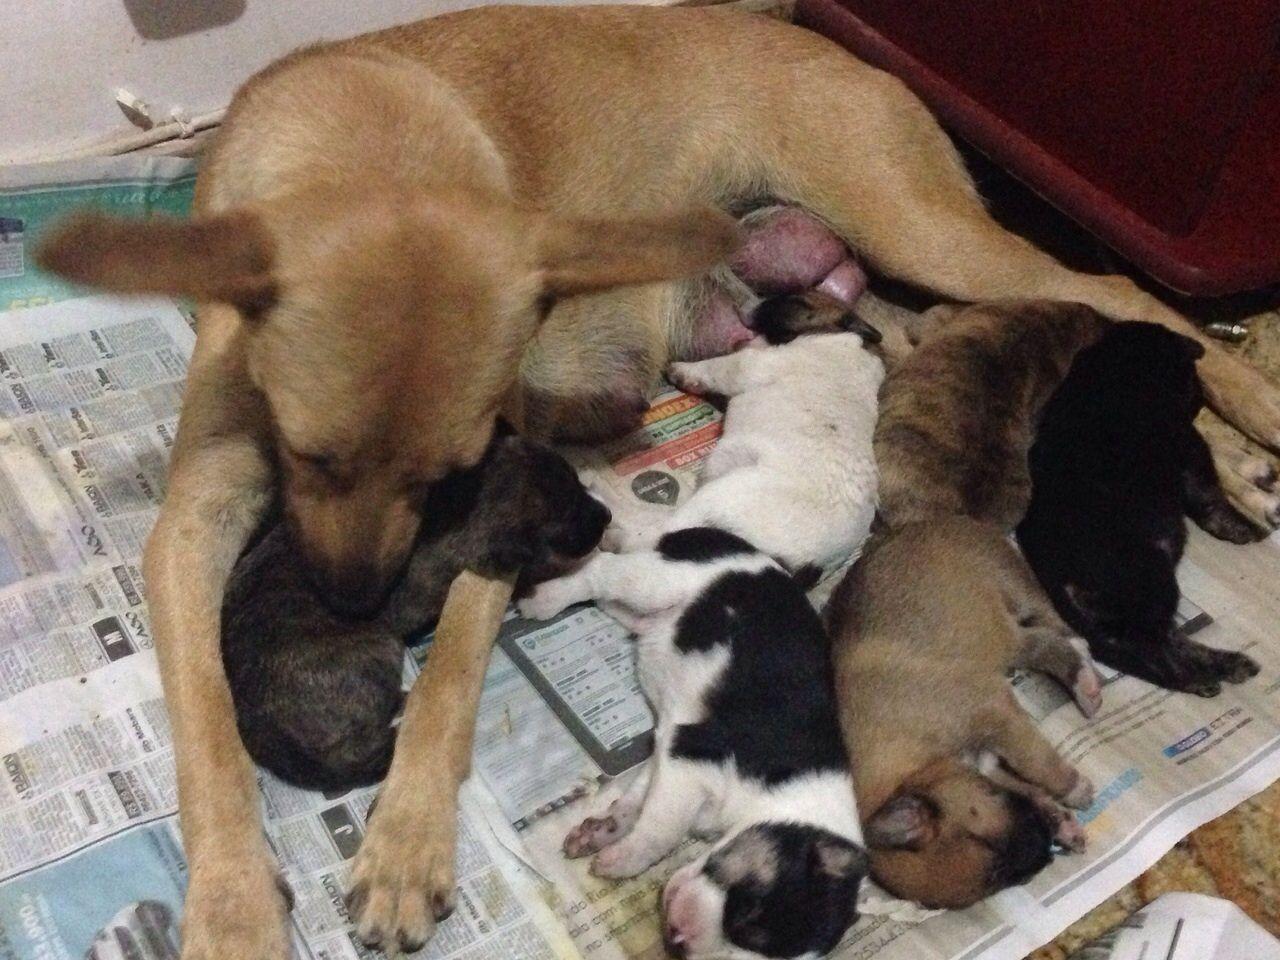 Cadelinha e filhotes resgatados no dia 03/11/14. Filhotes com 7 dias, na ocasião. São 4 machos e 2 fêmeas que estarão disponíveis para adoção logo após completarem 45 dias e já terem tomado a primeira dose de vacina V10